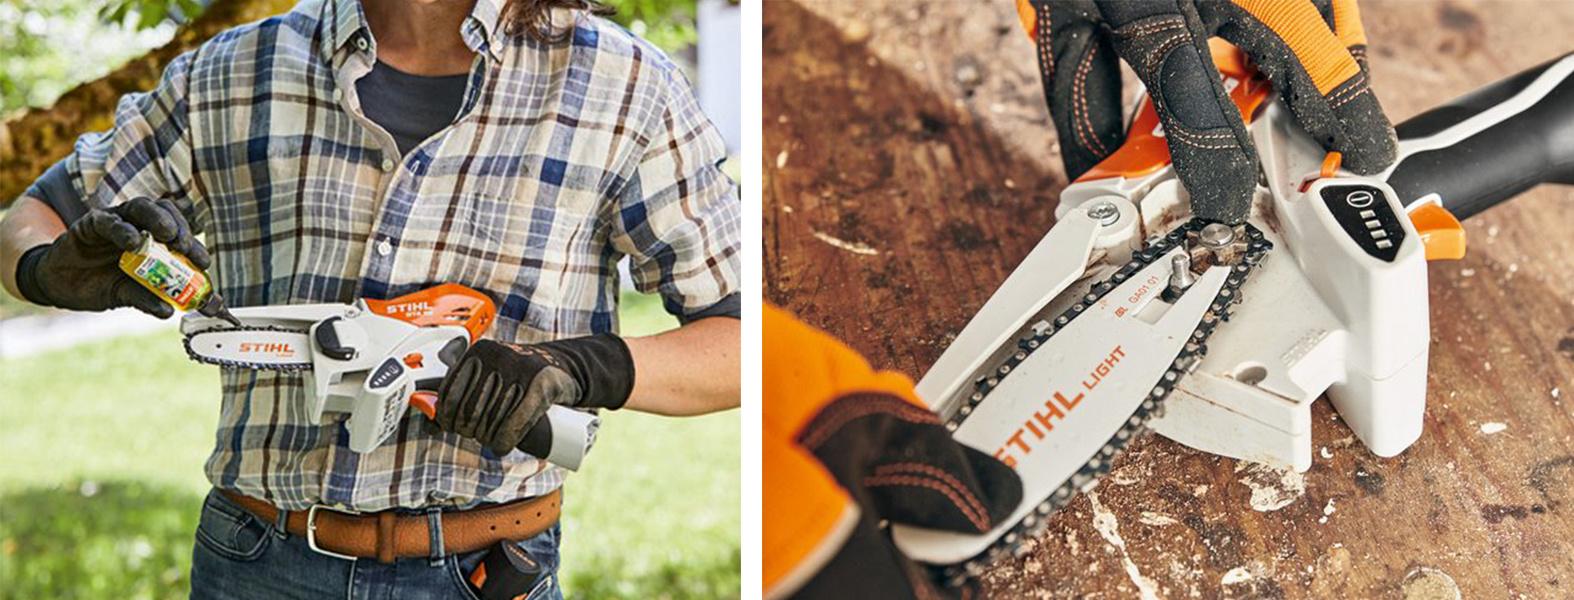 STIHL GTA 26 Handheld tree pruner Multioil bio Chain